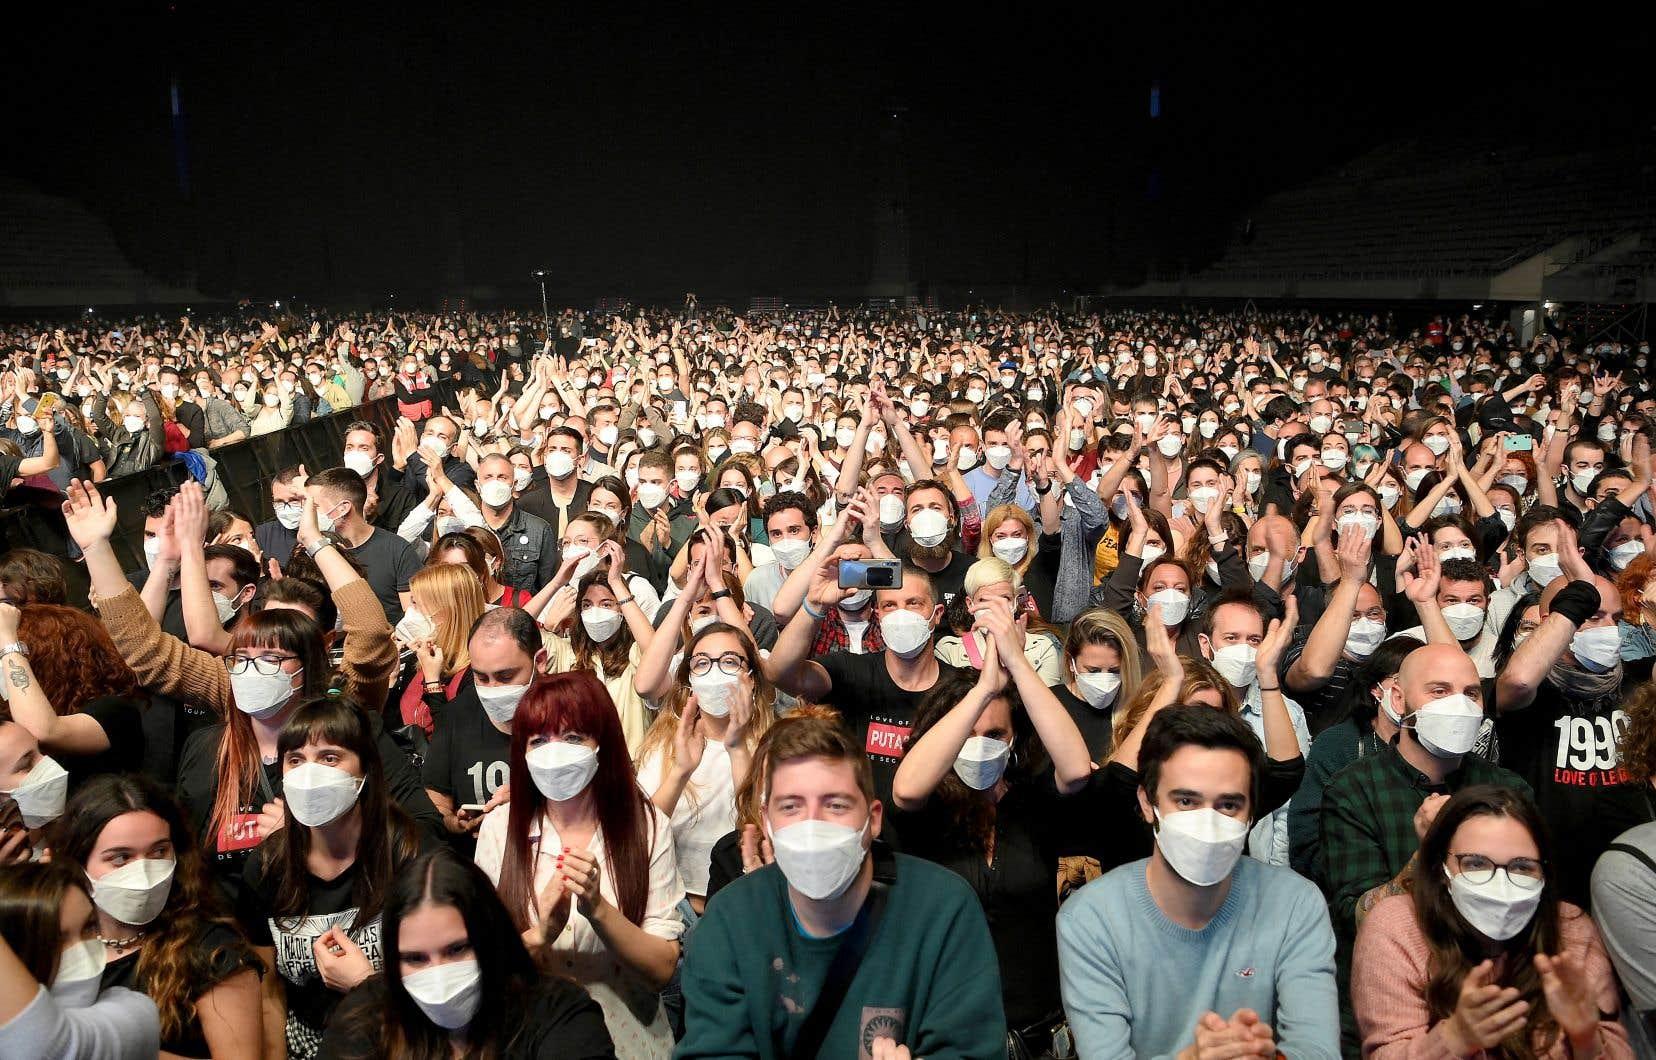 Un concert test tenu à Barcelone en mars n'avait pas causé de nouvelle flambée de cas de COVID-19. En tout, 5000 personnes portant un masque chirurgical avaient pu voir le groupe de rock indépendant Love of Lesbian.